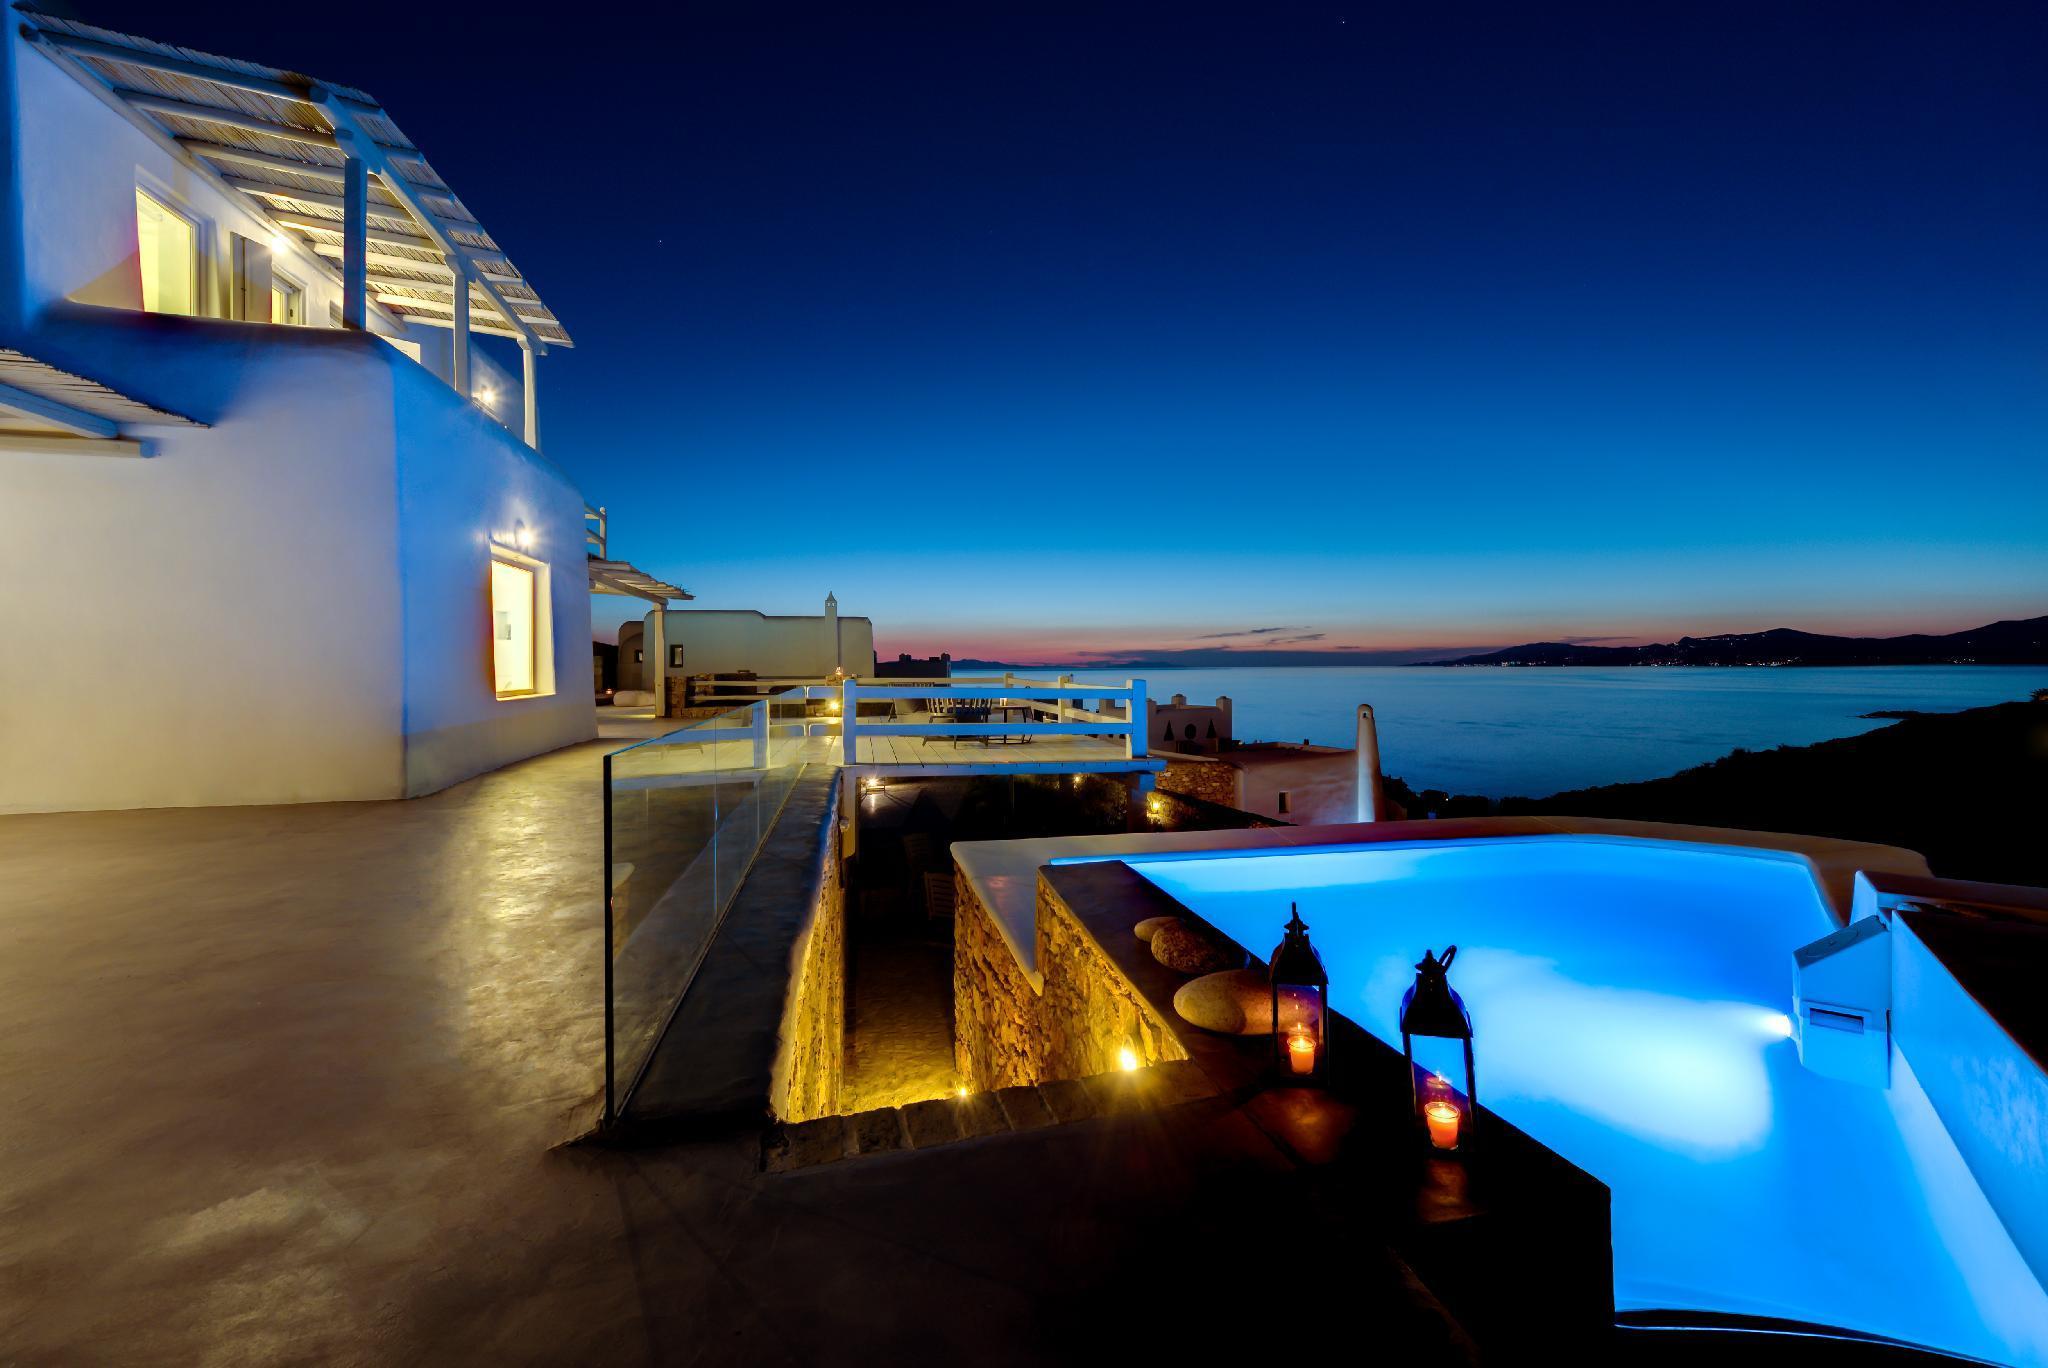 Superior 4 Bedroom Villa With Private Pool  Daria